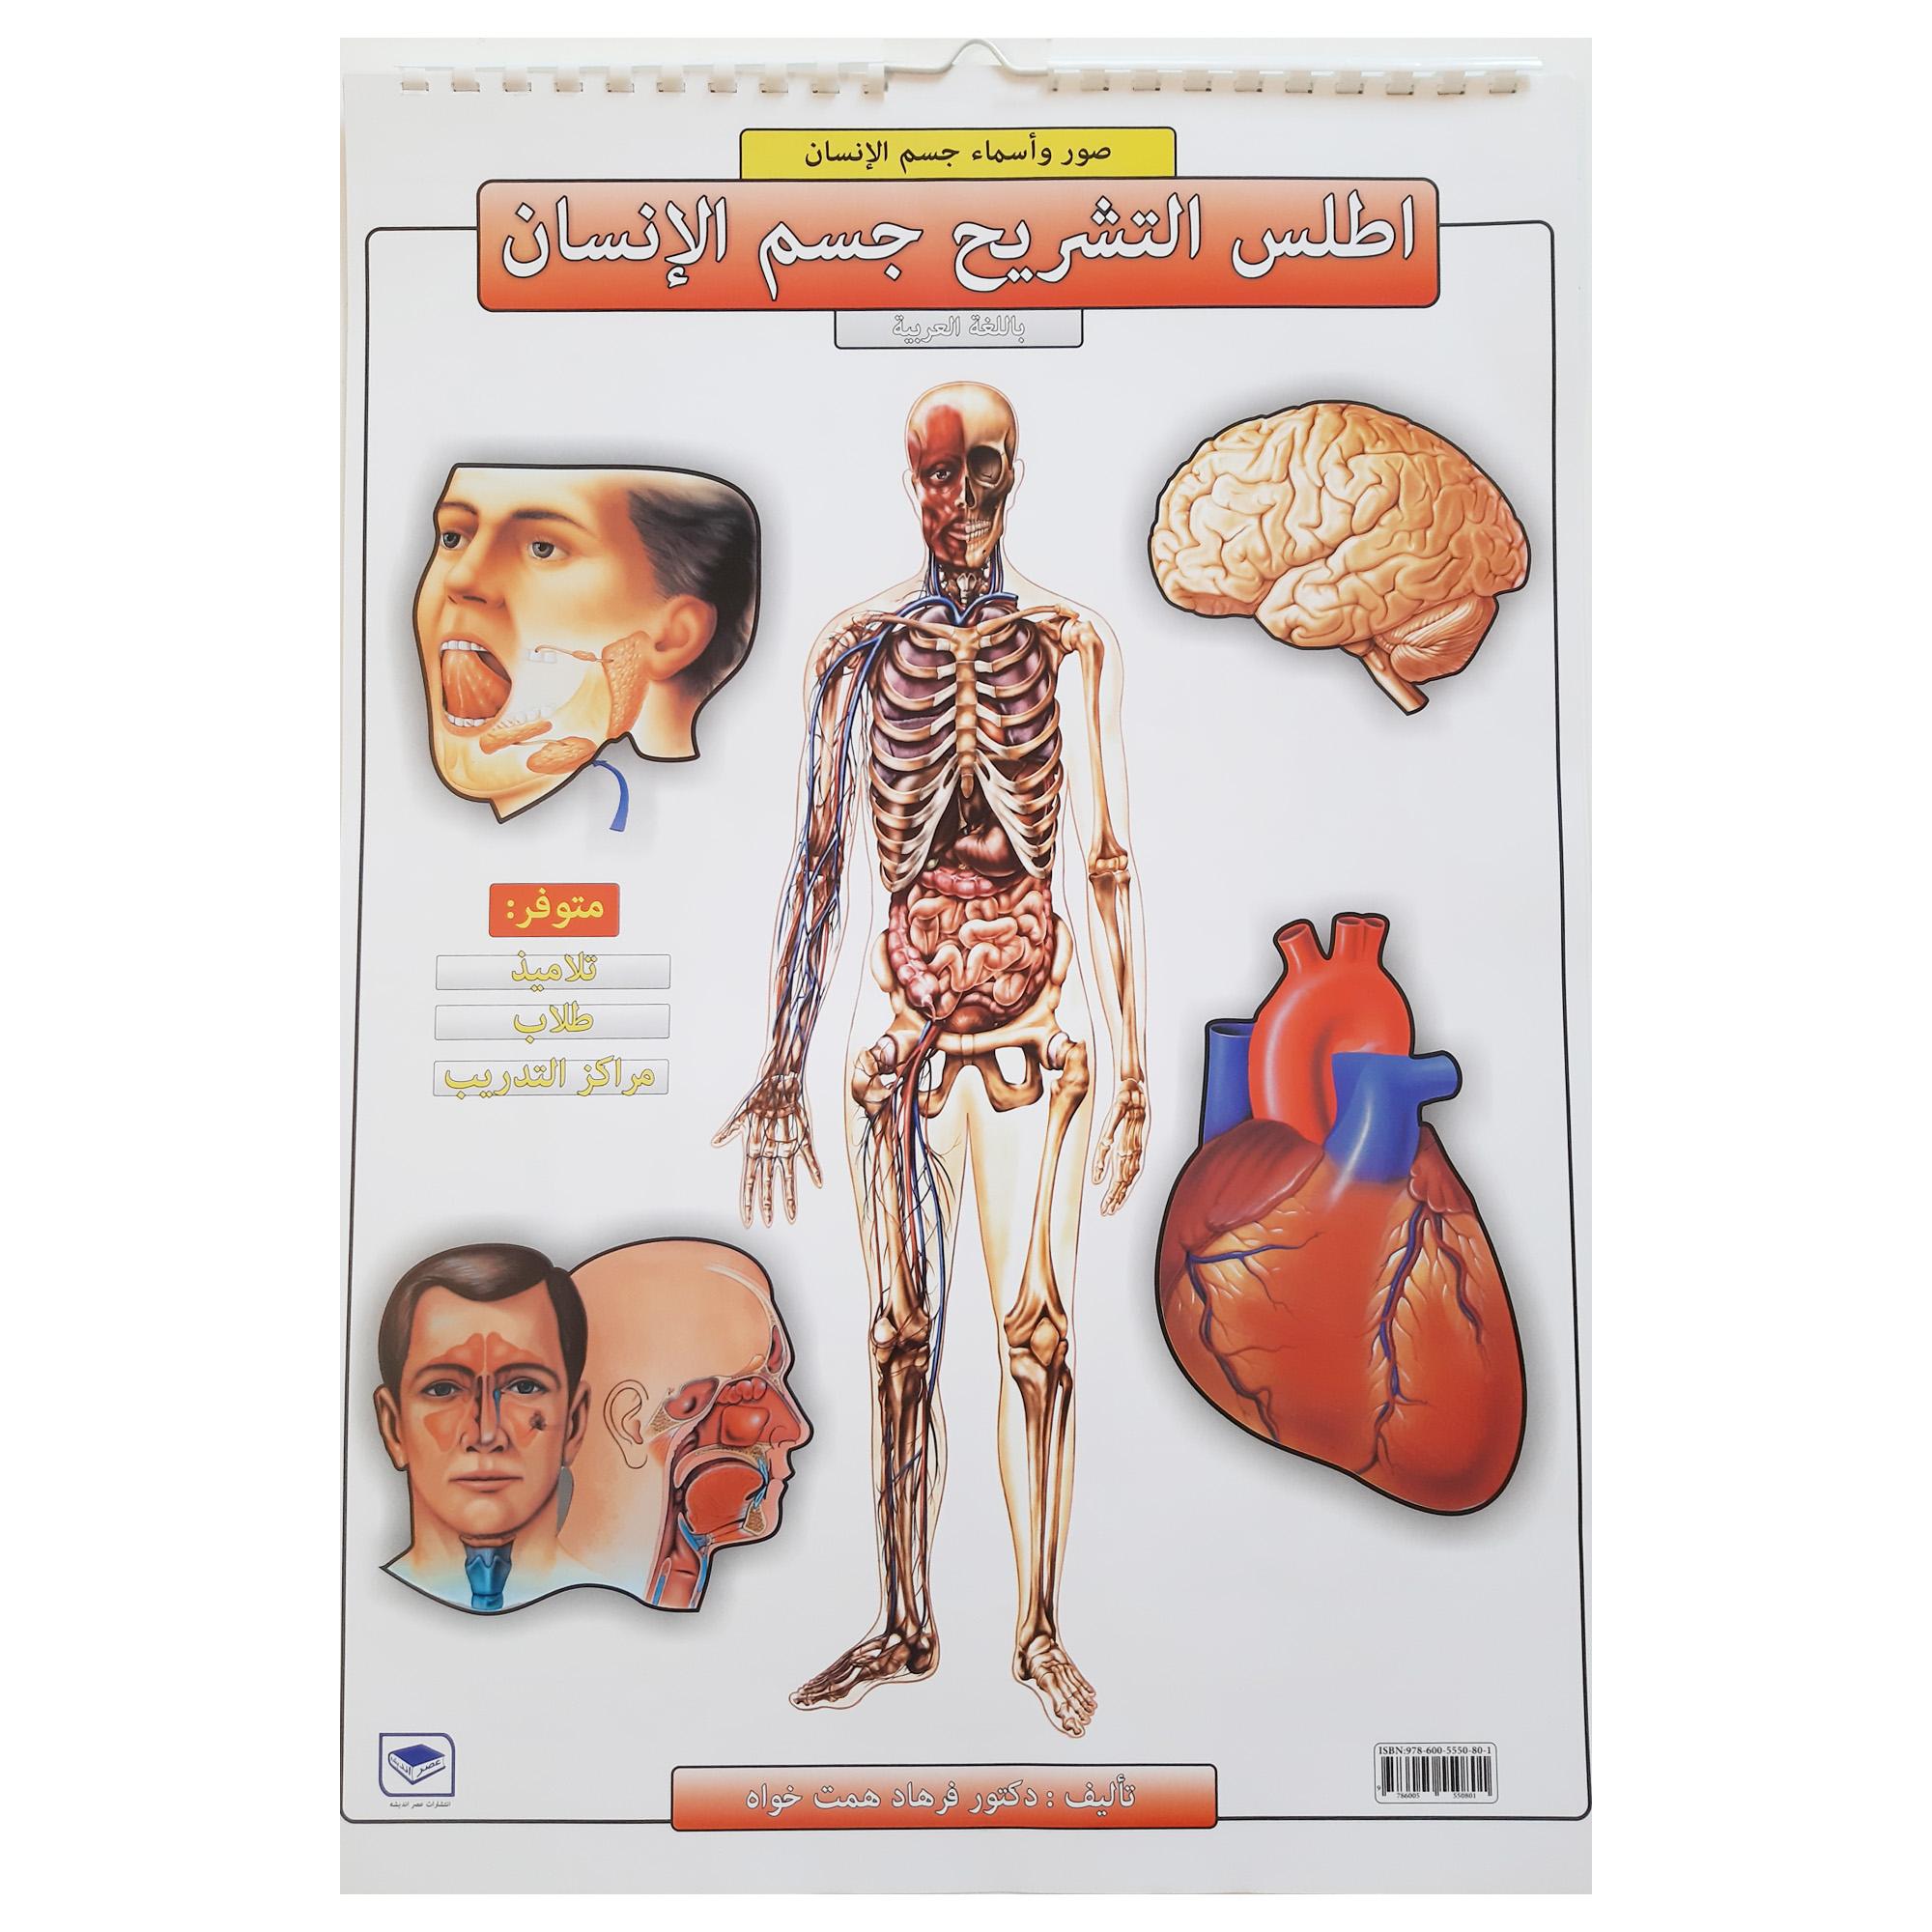 پوستر آموزشی انتشارات عصر اندیشه مدل اطلس آناتومی بدن انسان کد 15